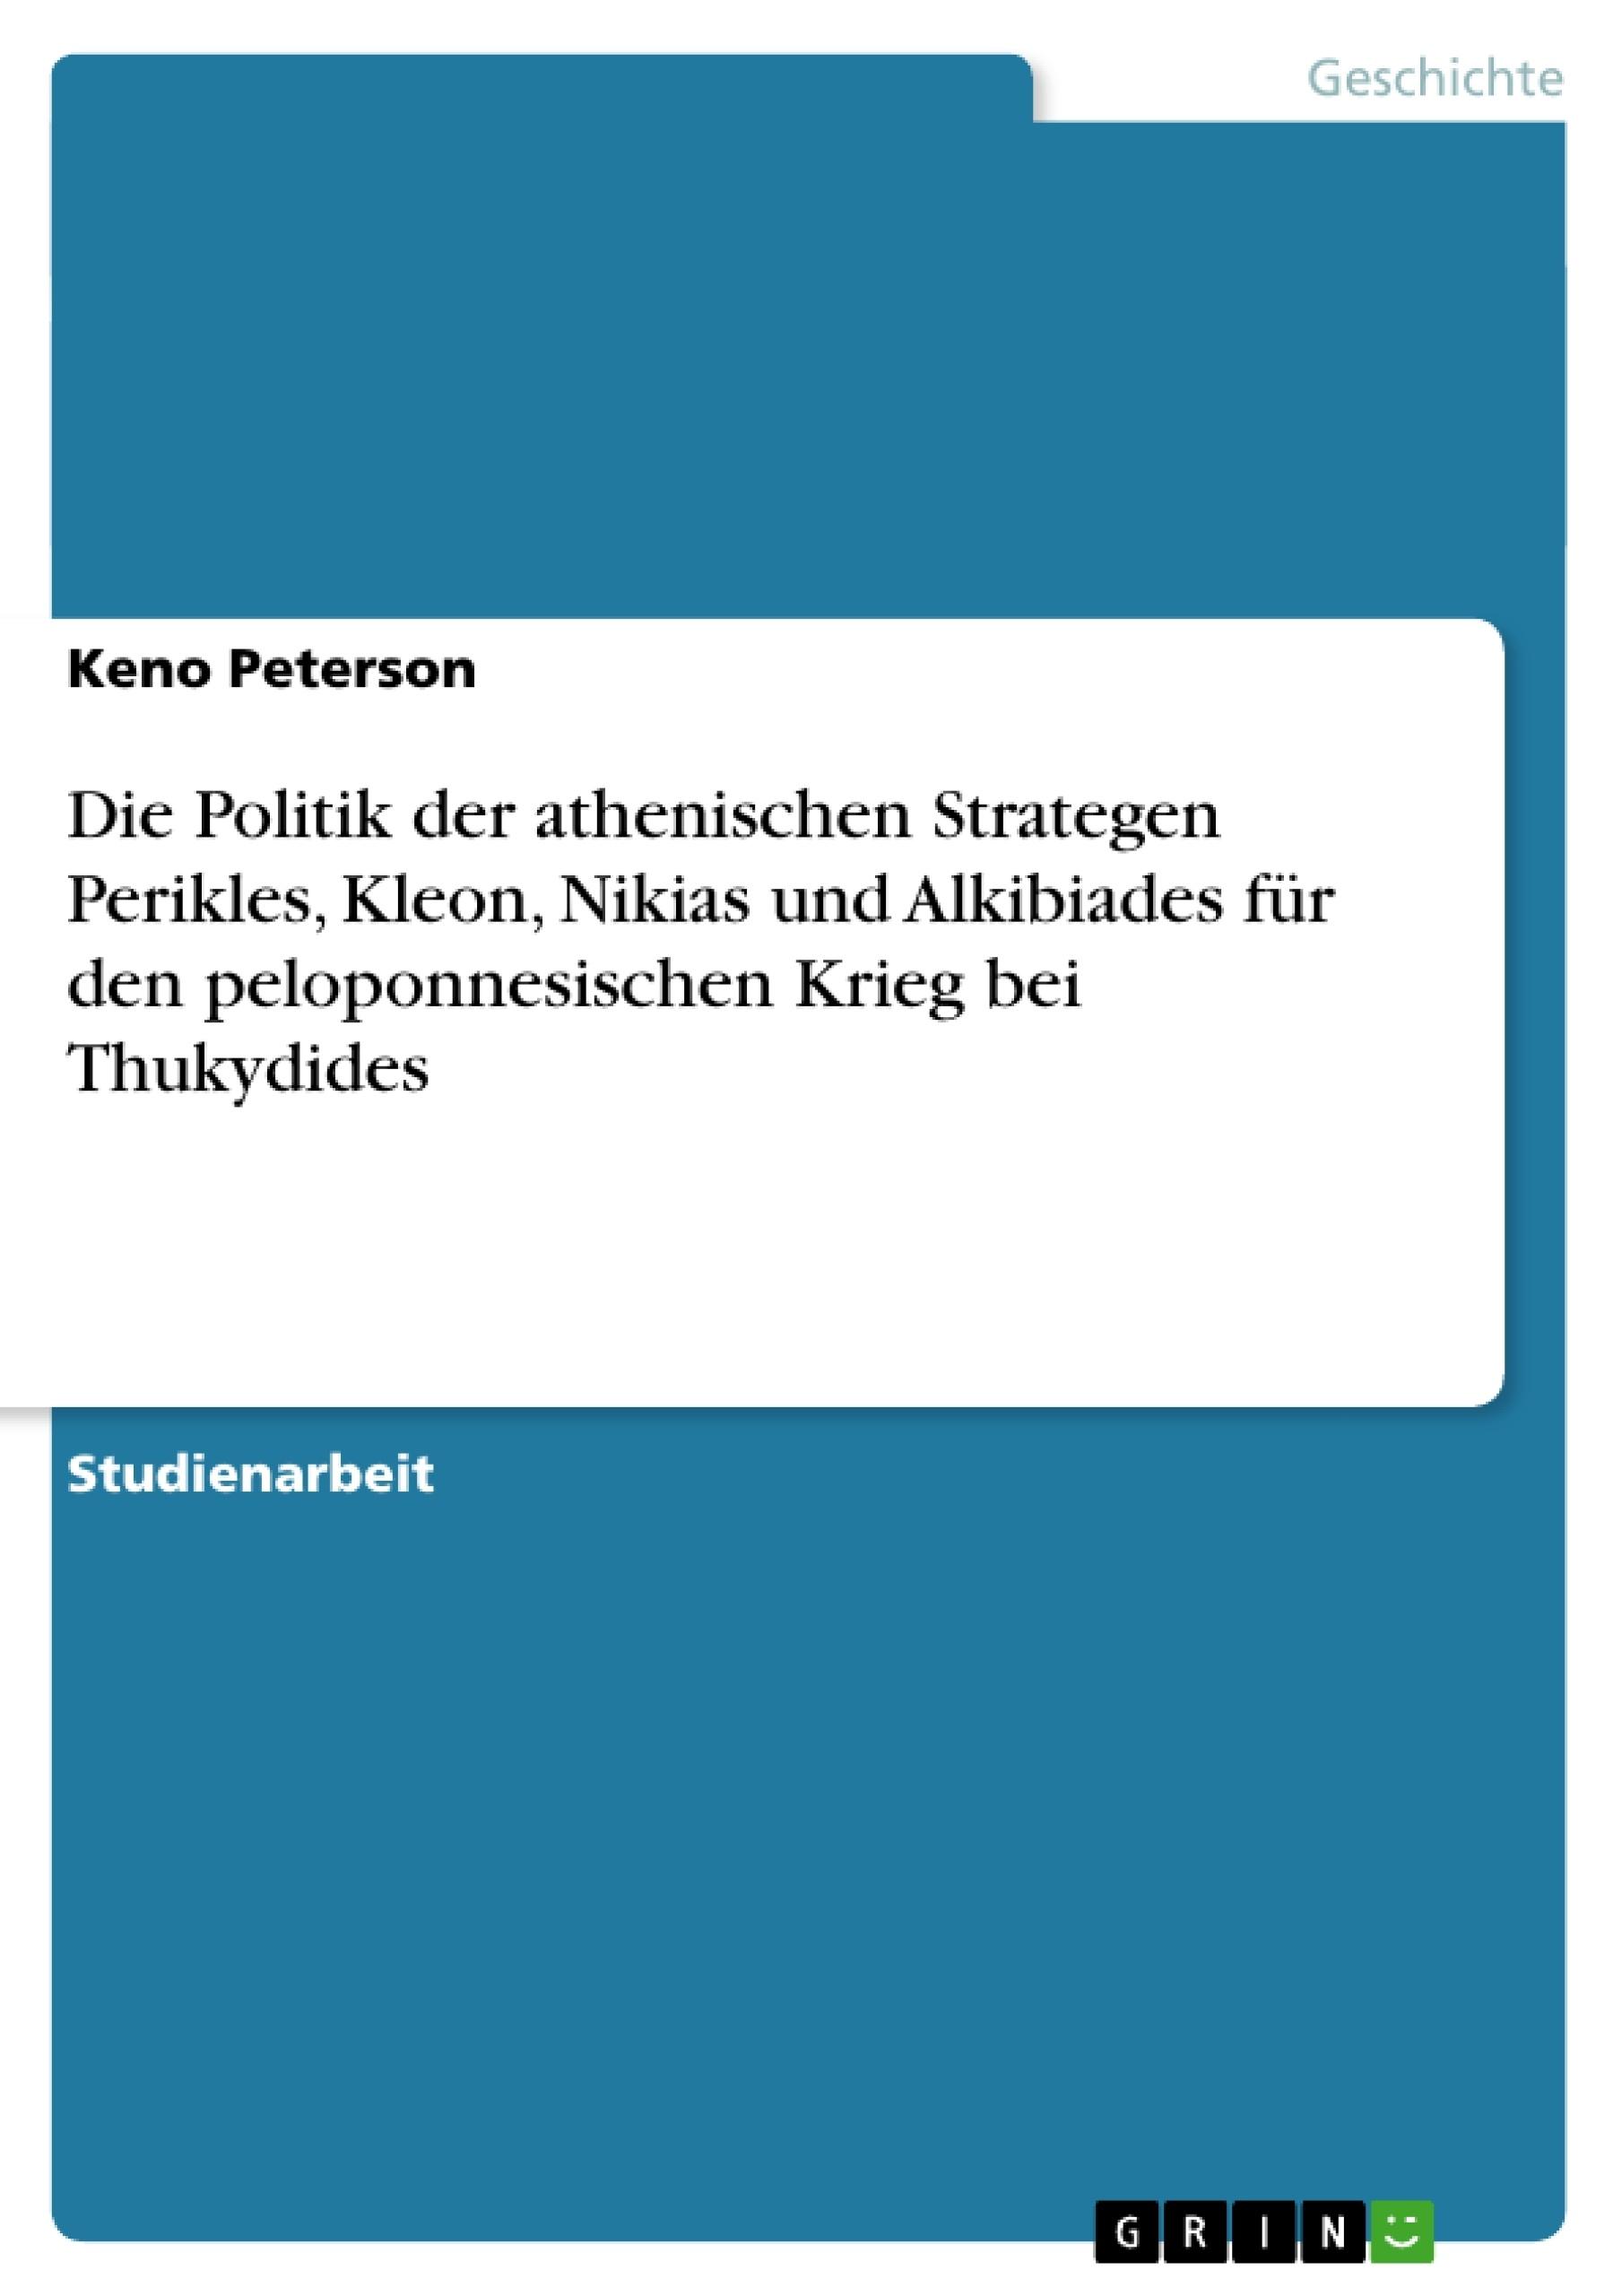 Titel: Die Politik der athenischen Strategen Perikles, Kleon, Nikias und Alkibiades für den peloponnesischen Krieg bei Thukydides